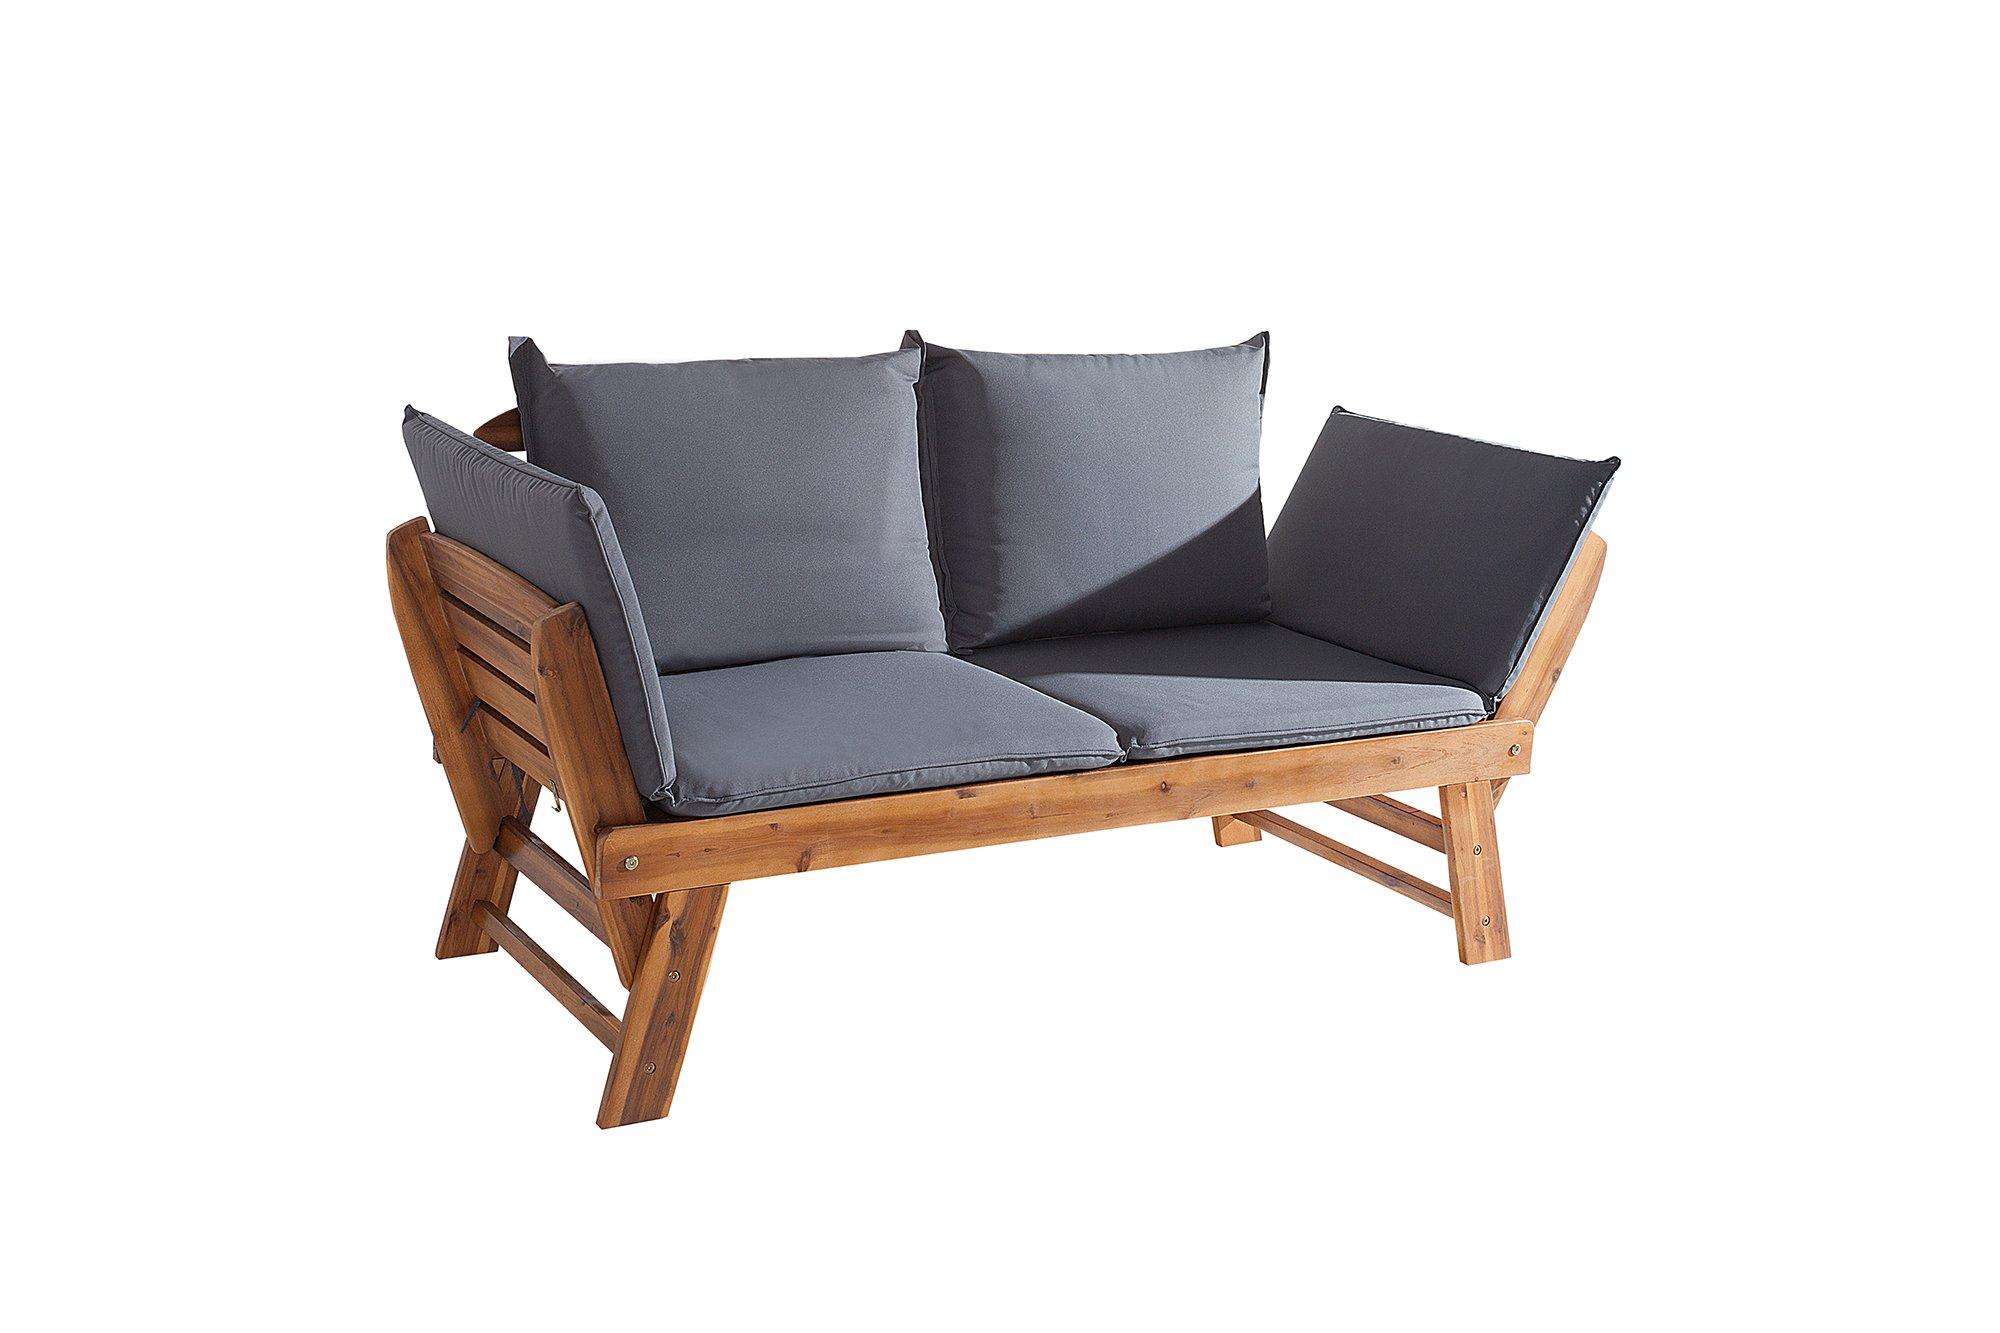 DuNord Design Jardín Banco Rio Acacia Maciza Plegable M Cojines Muebles de Jardín Banco de Madera: Amazon.es: Jardín